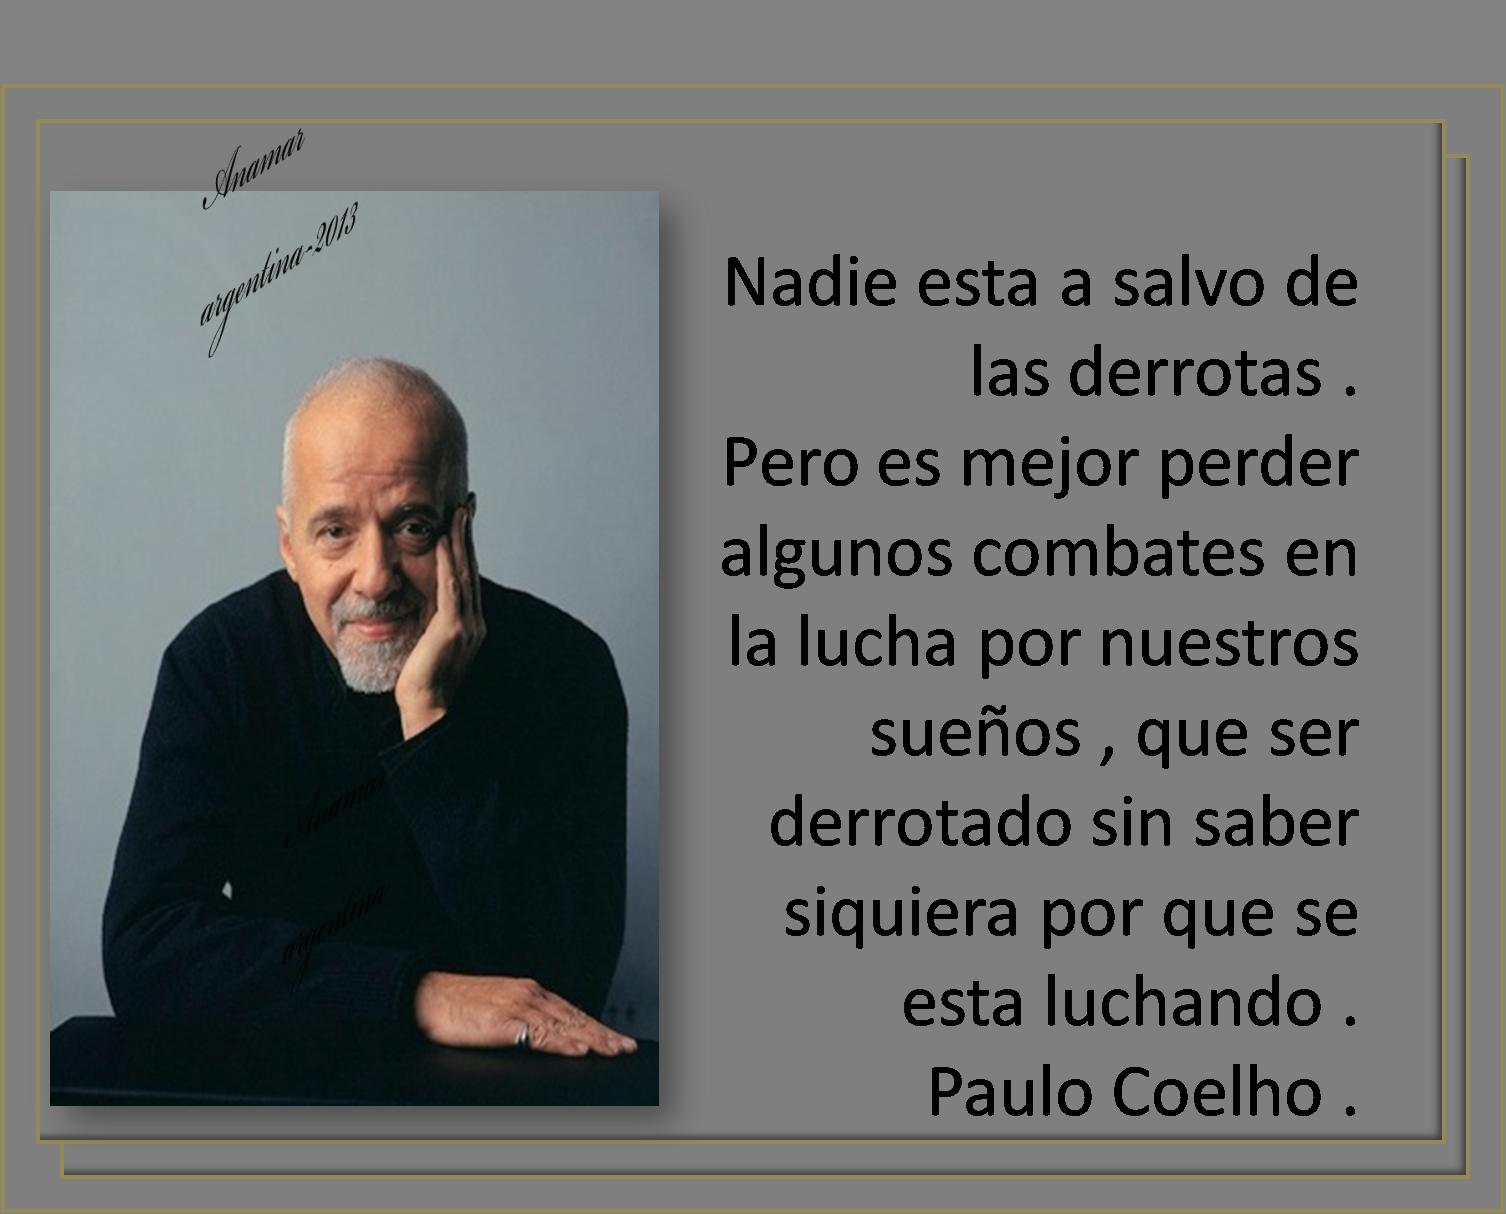 paulo coelho frases anamar argentina 2013 1 506—1 214